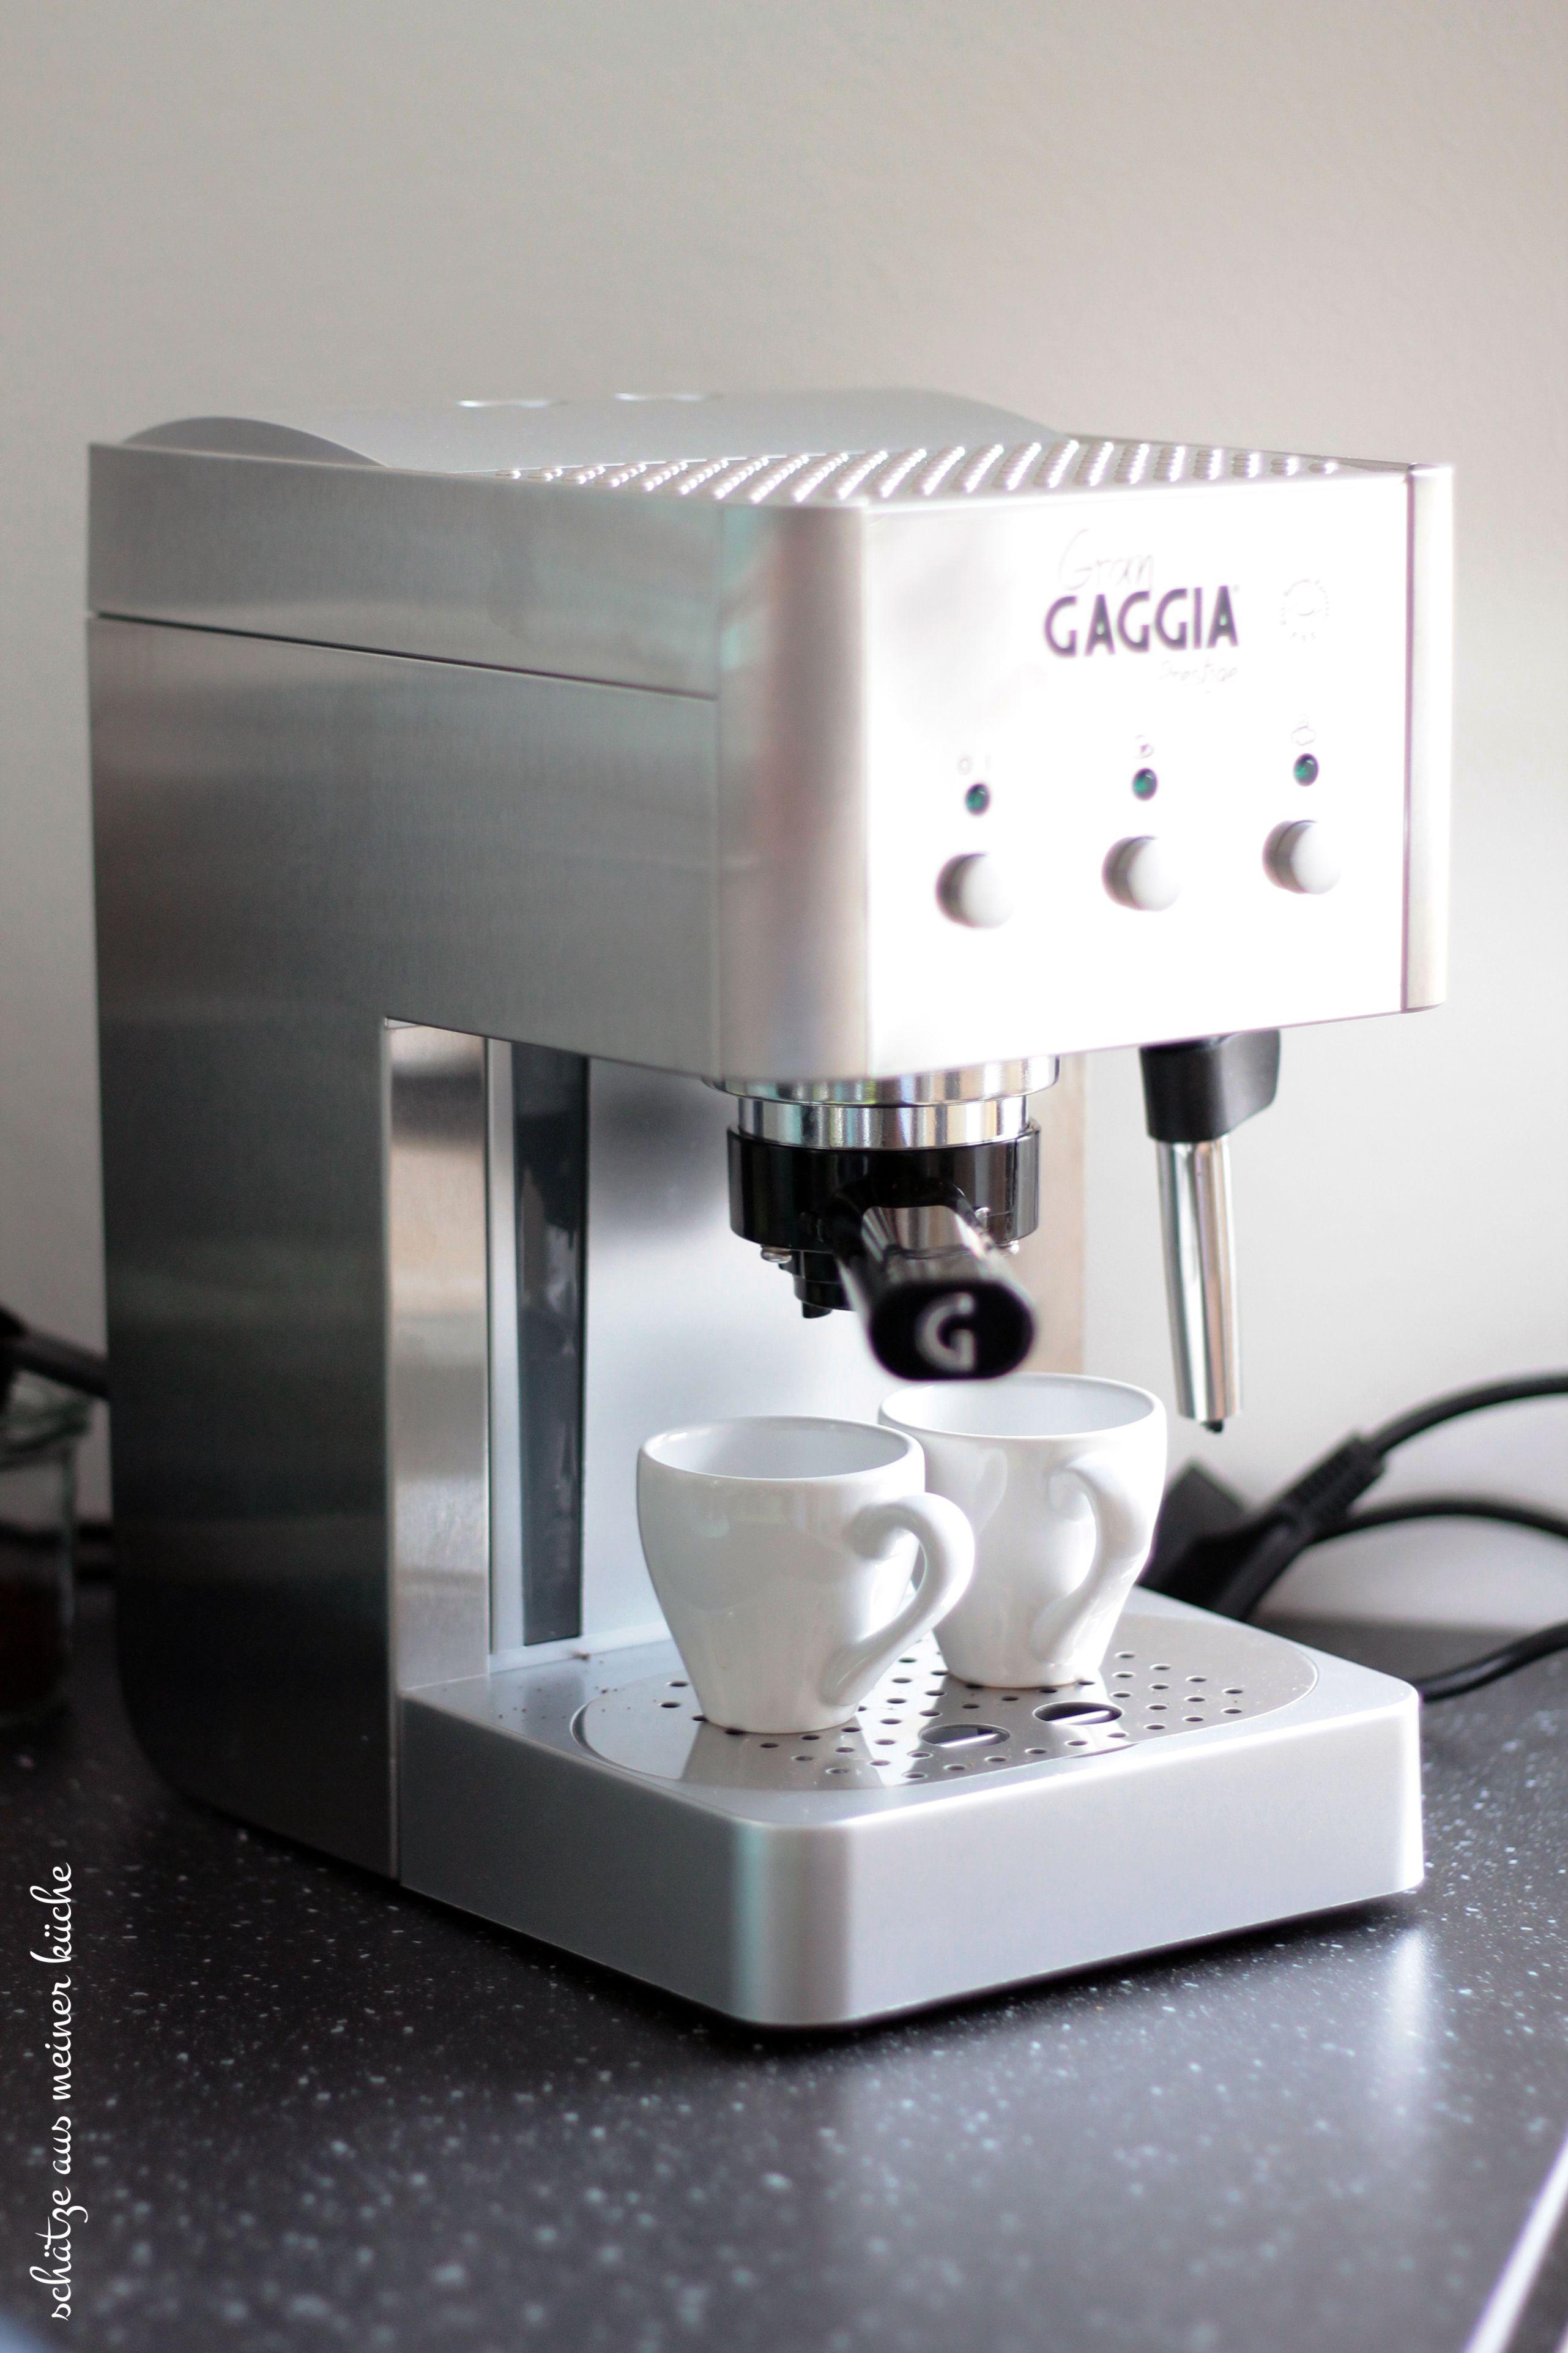 Gran Gaggia Prestige Siebträger-Espresso-Maschine